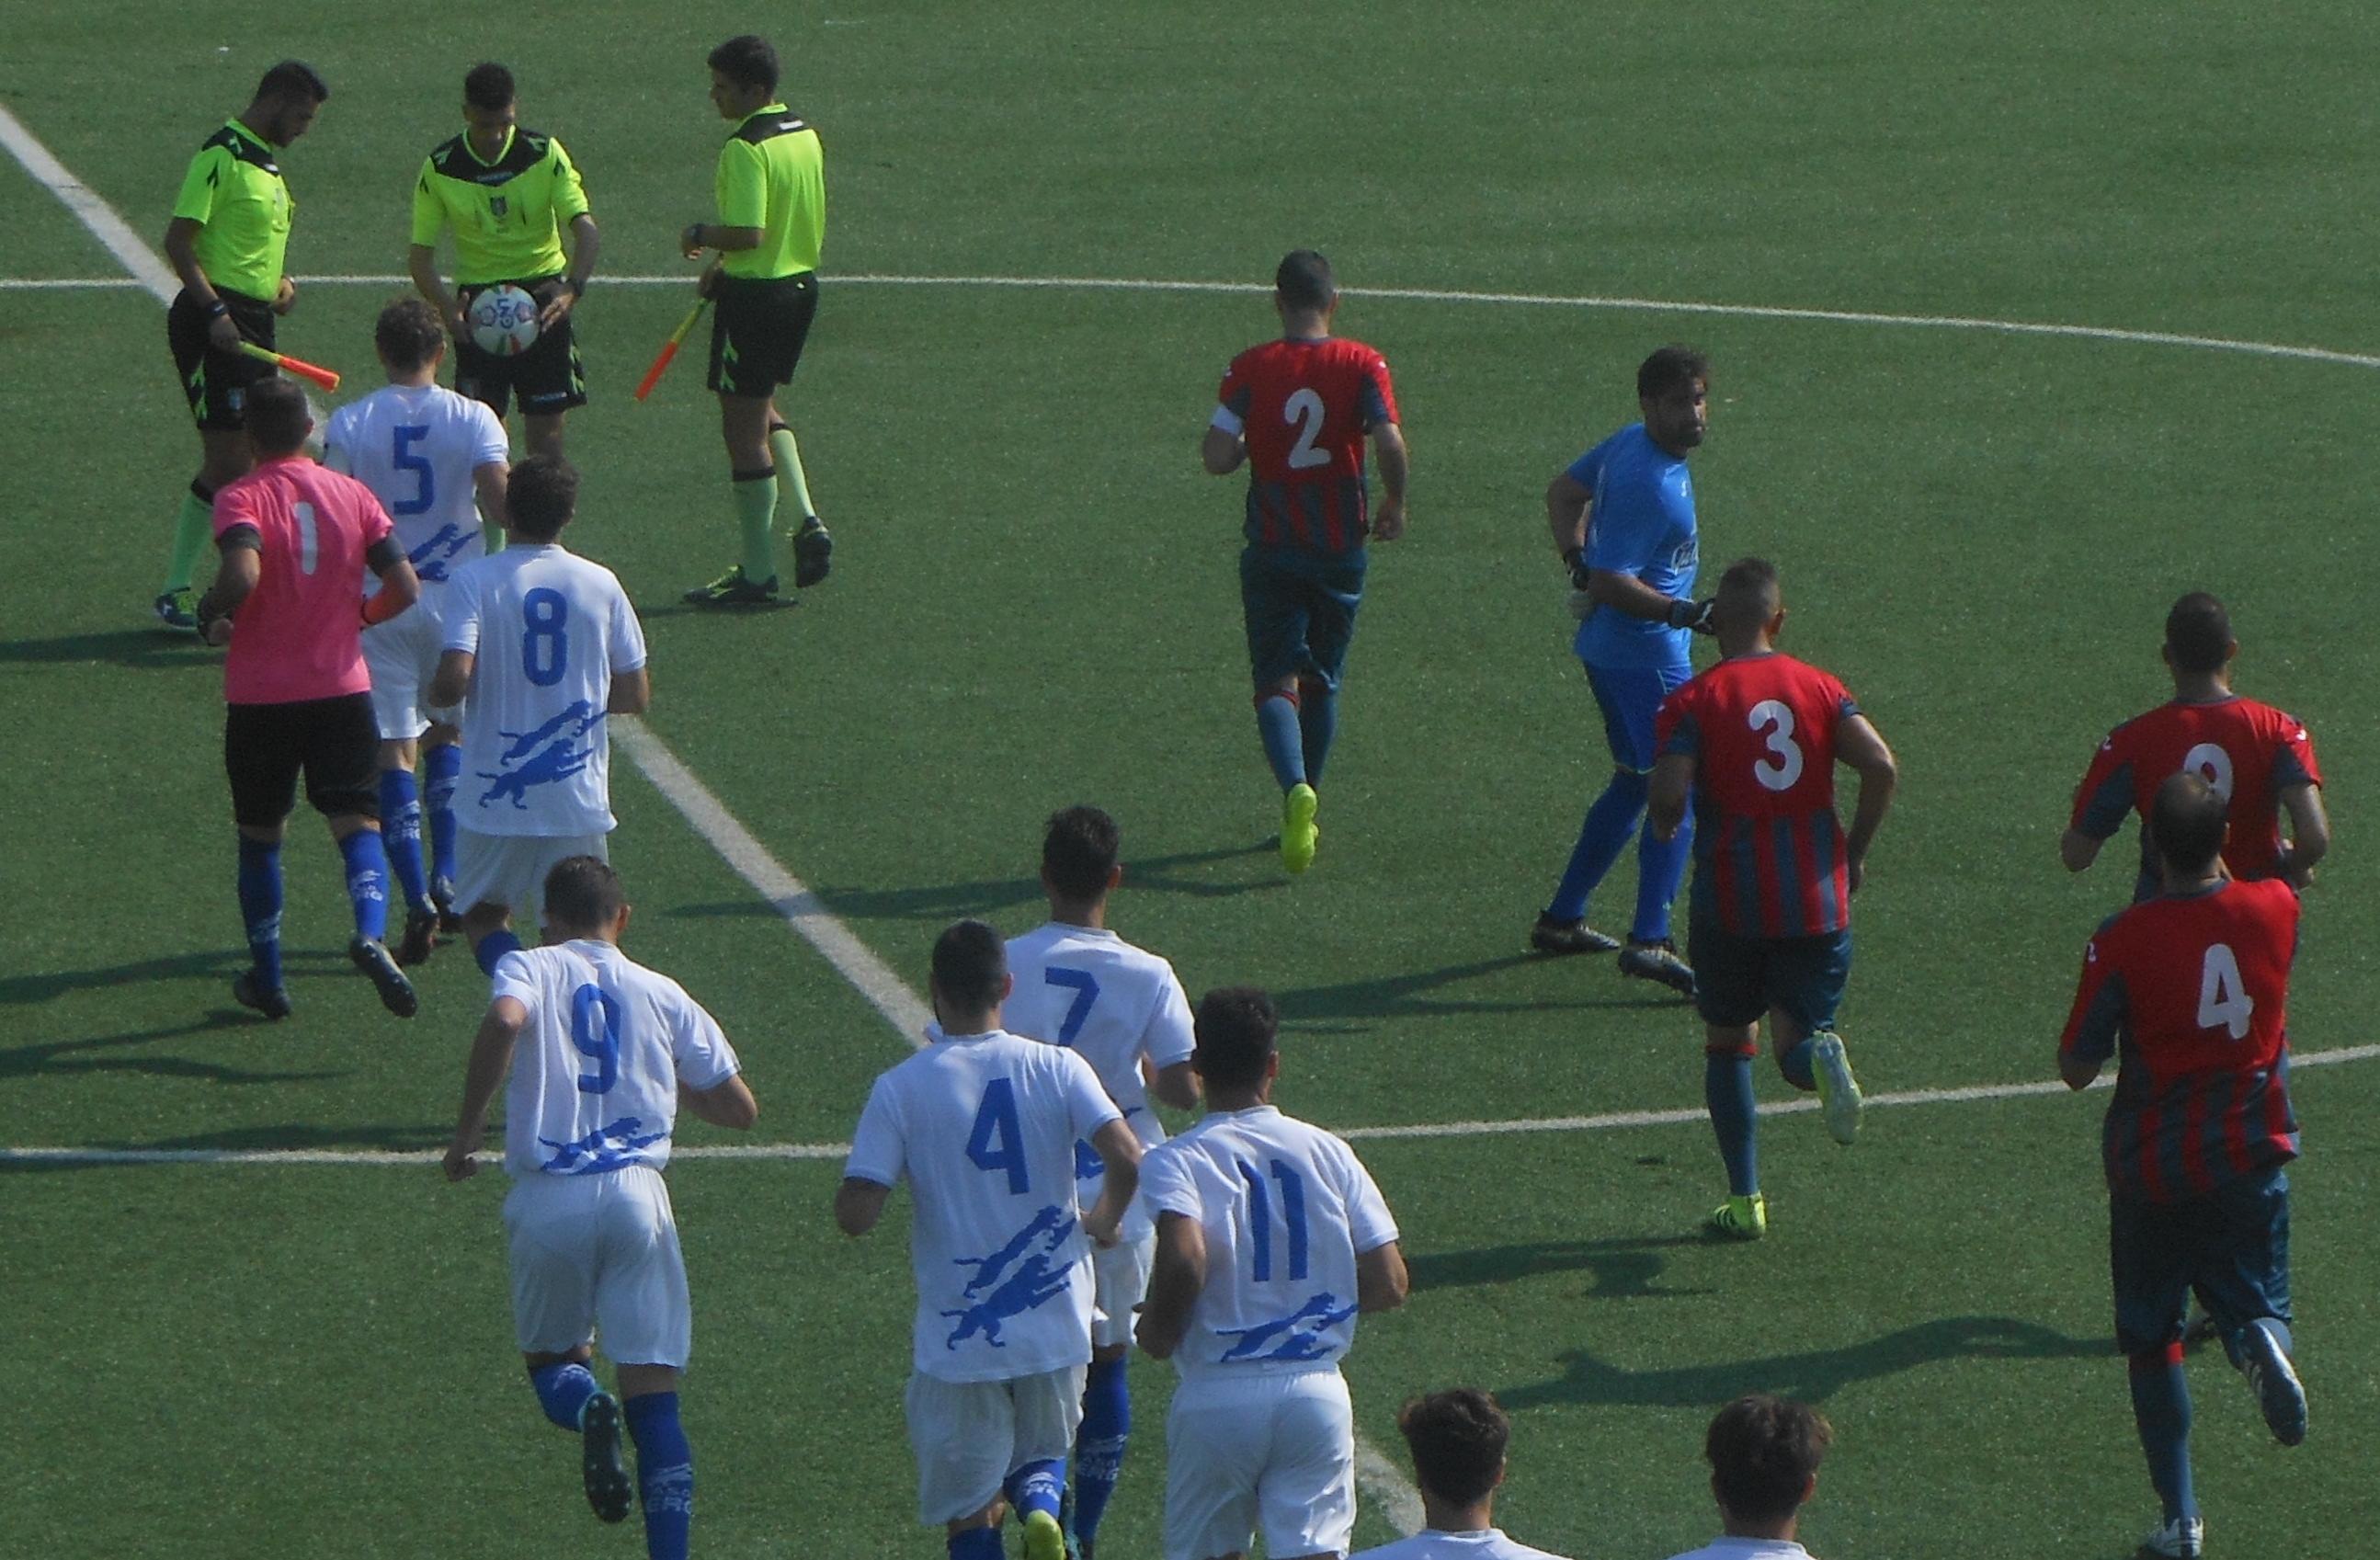 Promozione, il Modica passa a Siracusa contro l'Erg: gol partita di Incardona